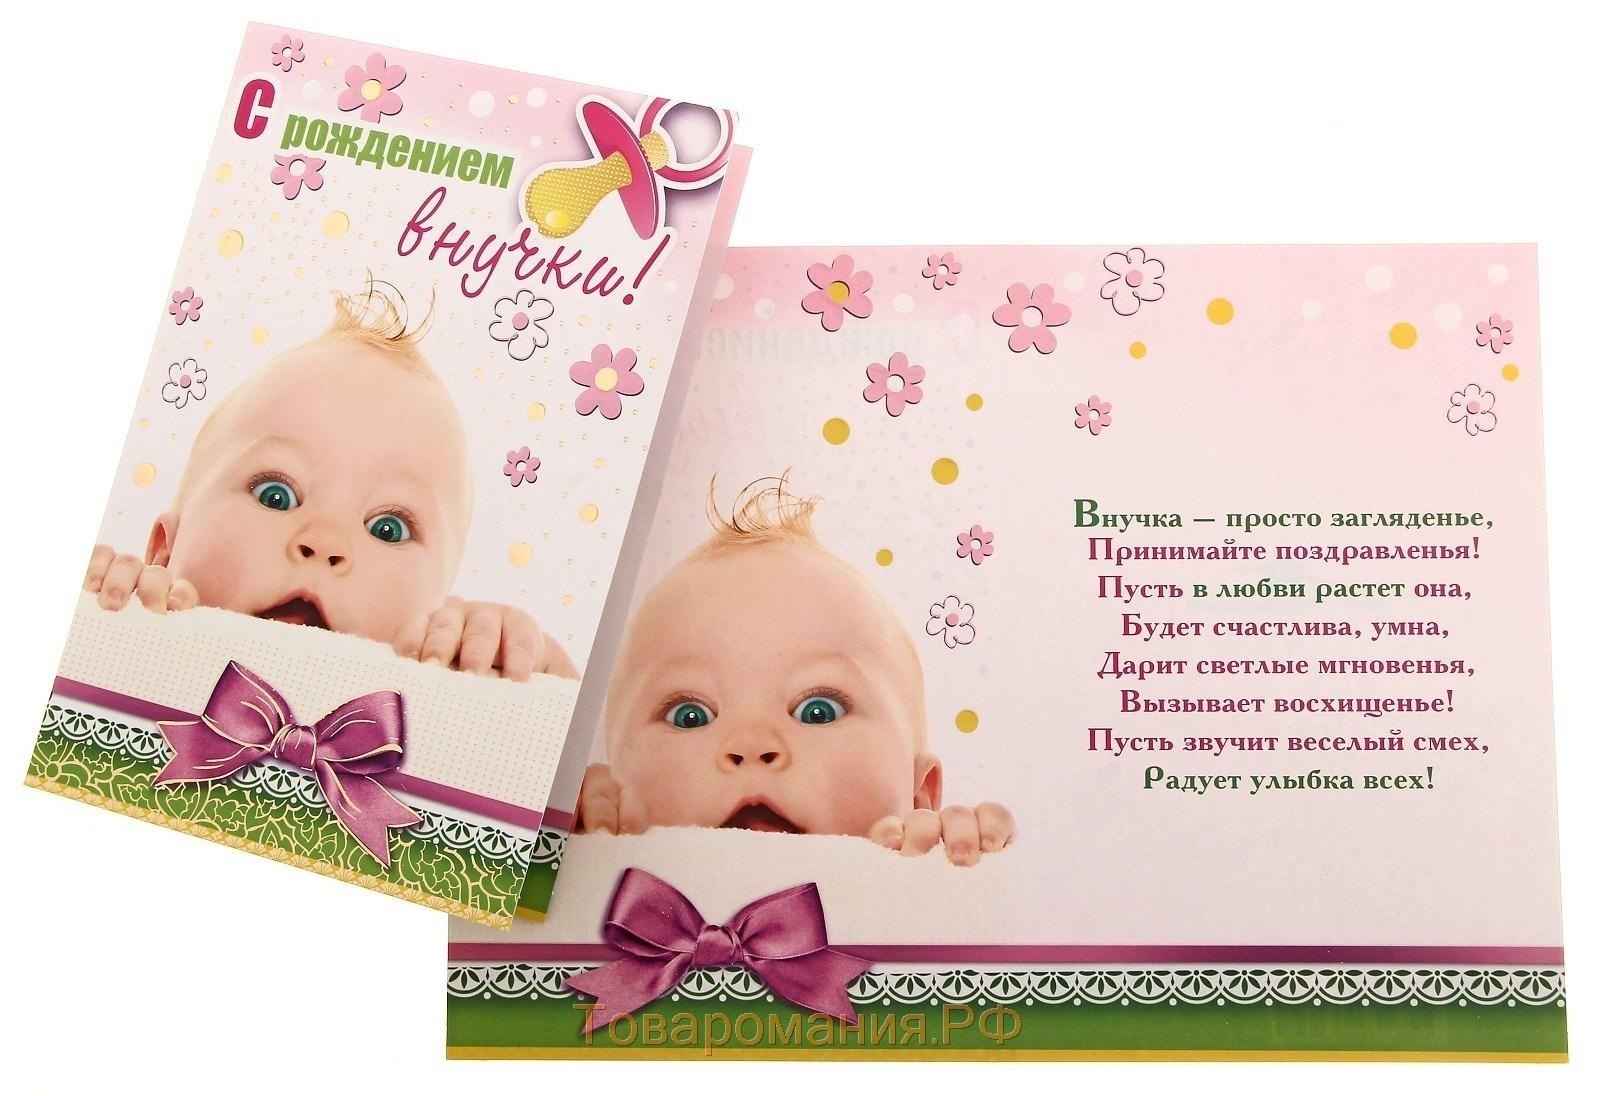 Пожеланиями день, открытки от души с рождением внучки для бабушки